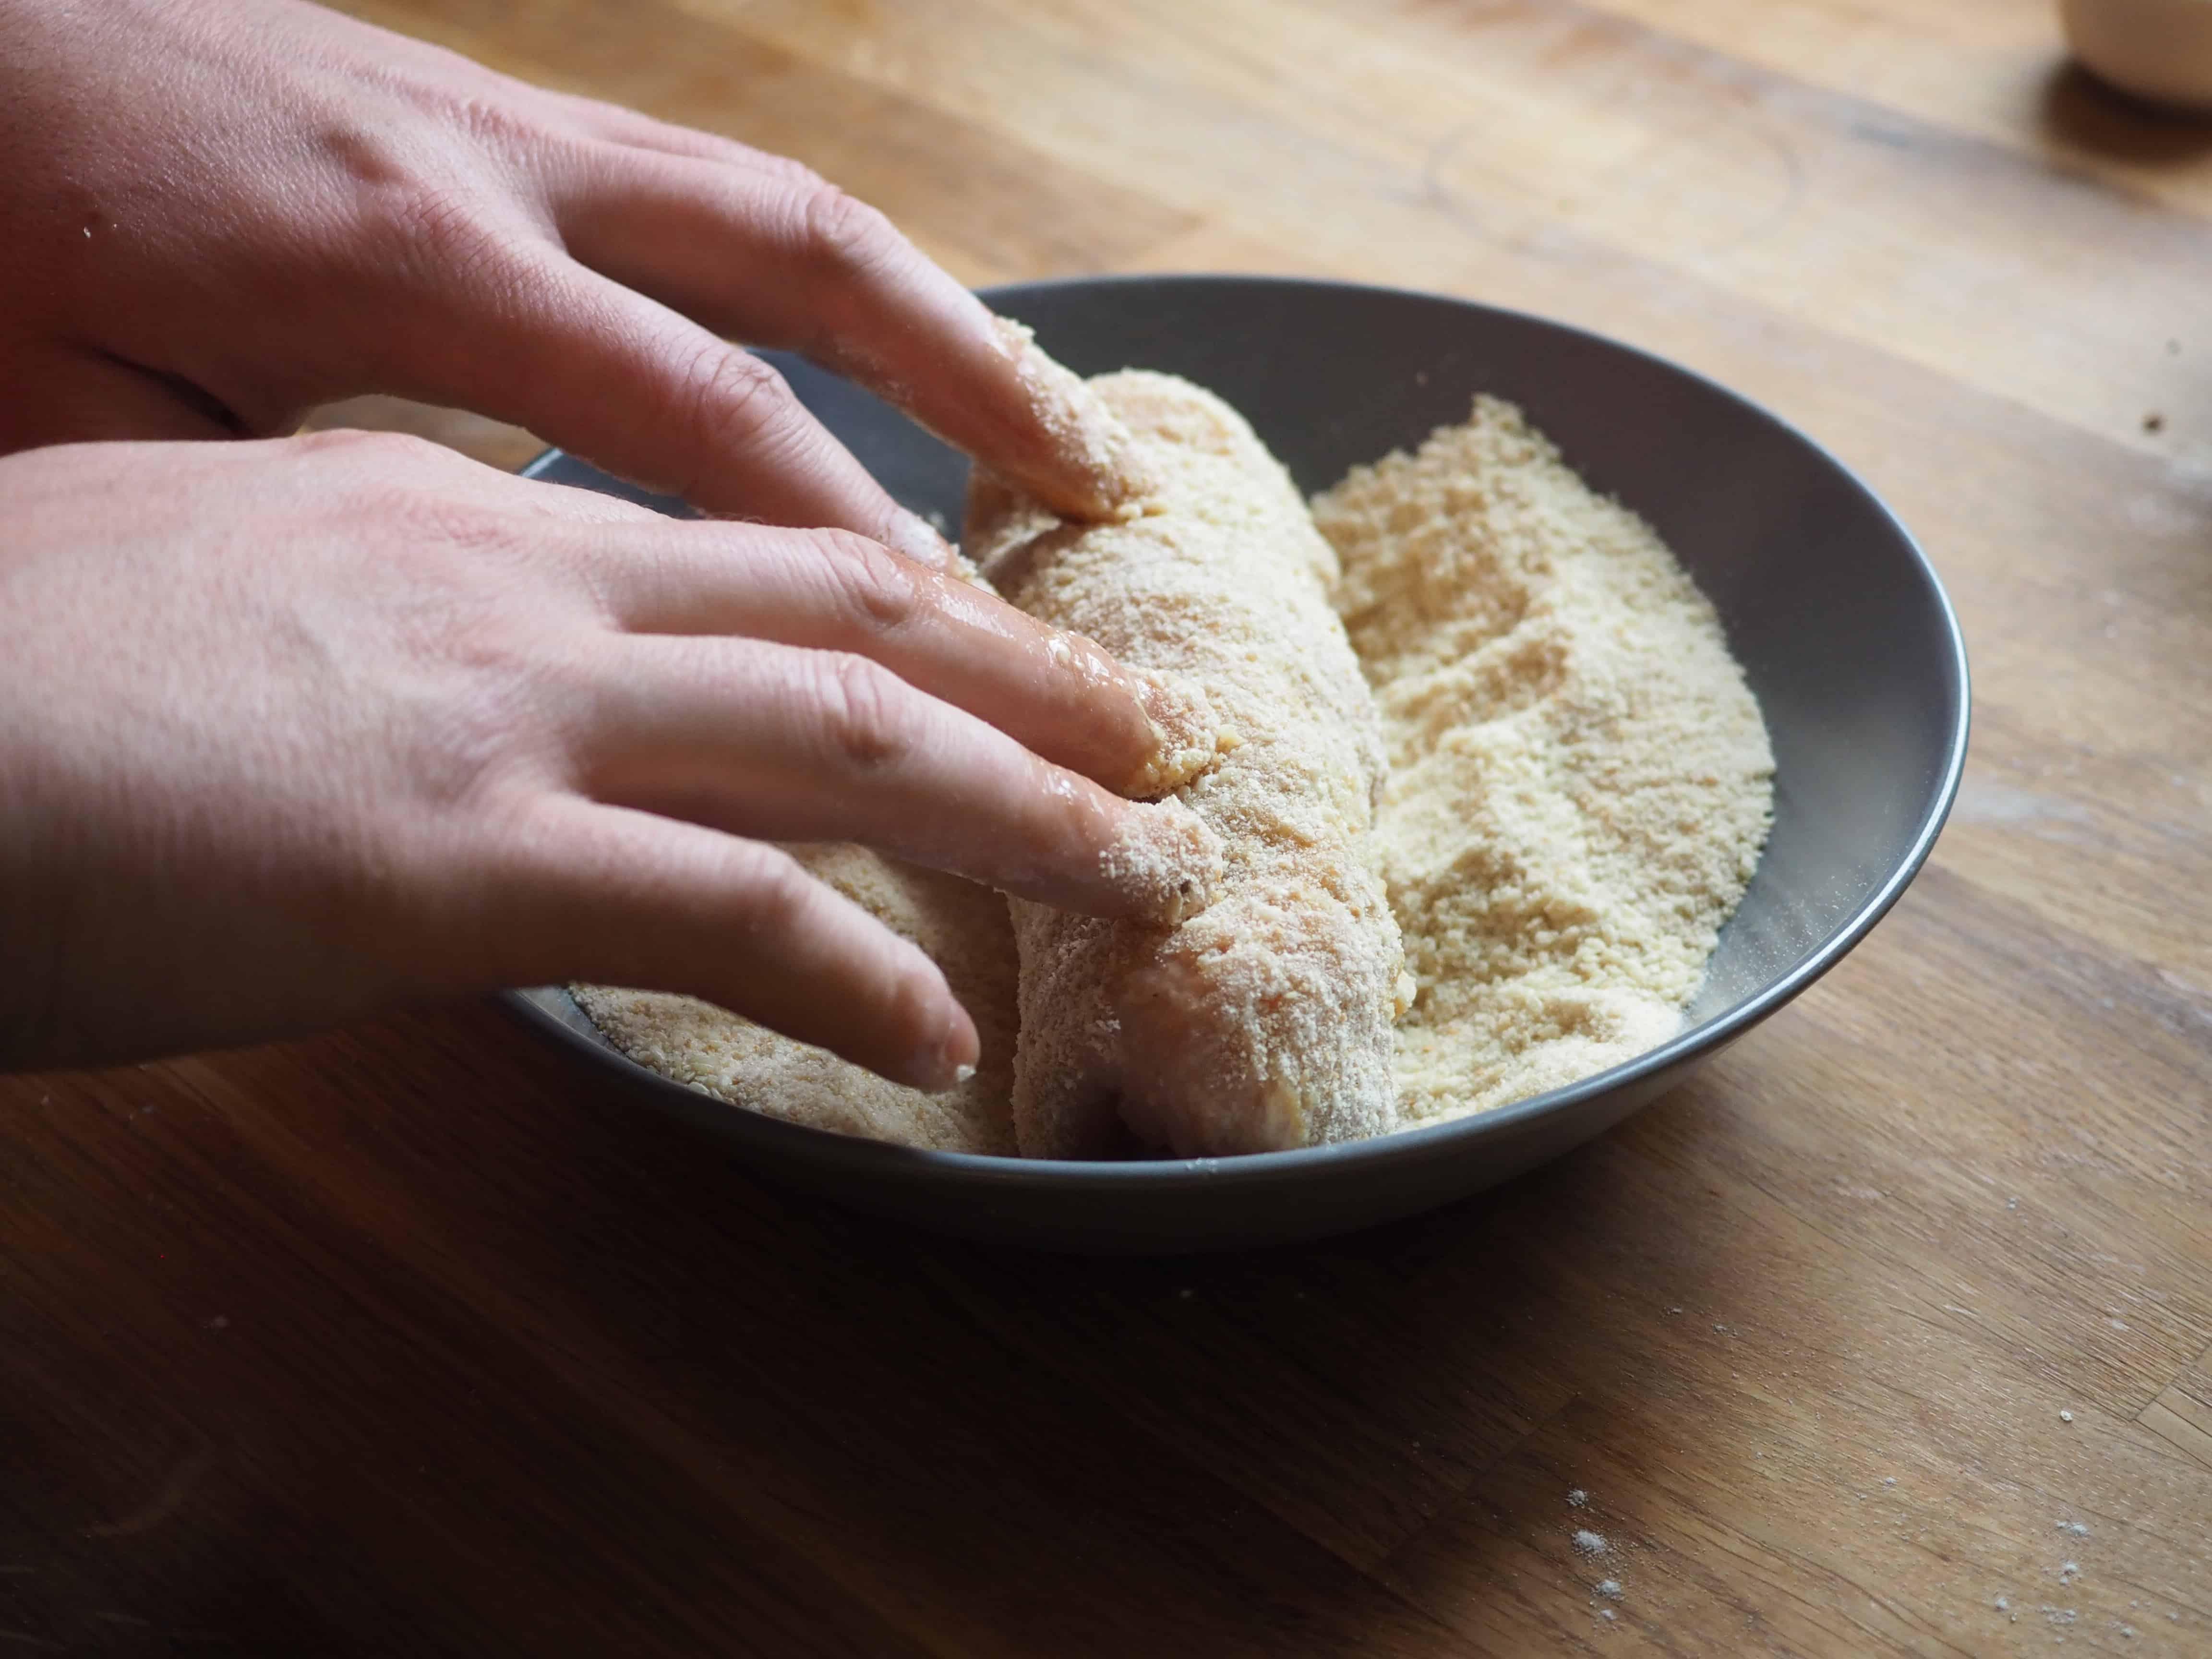 Pierś faszerowana mozzarellą